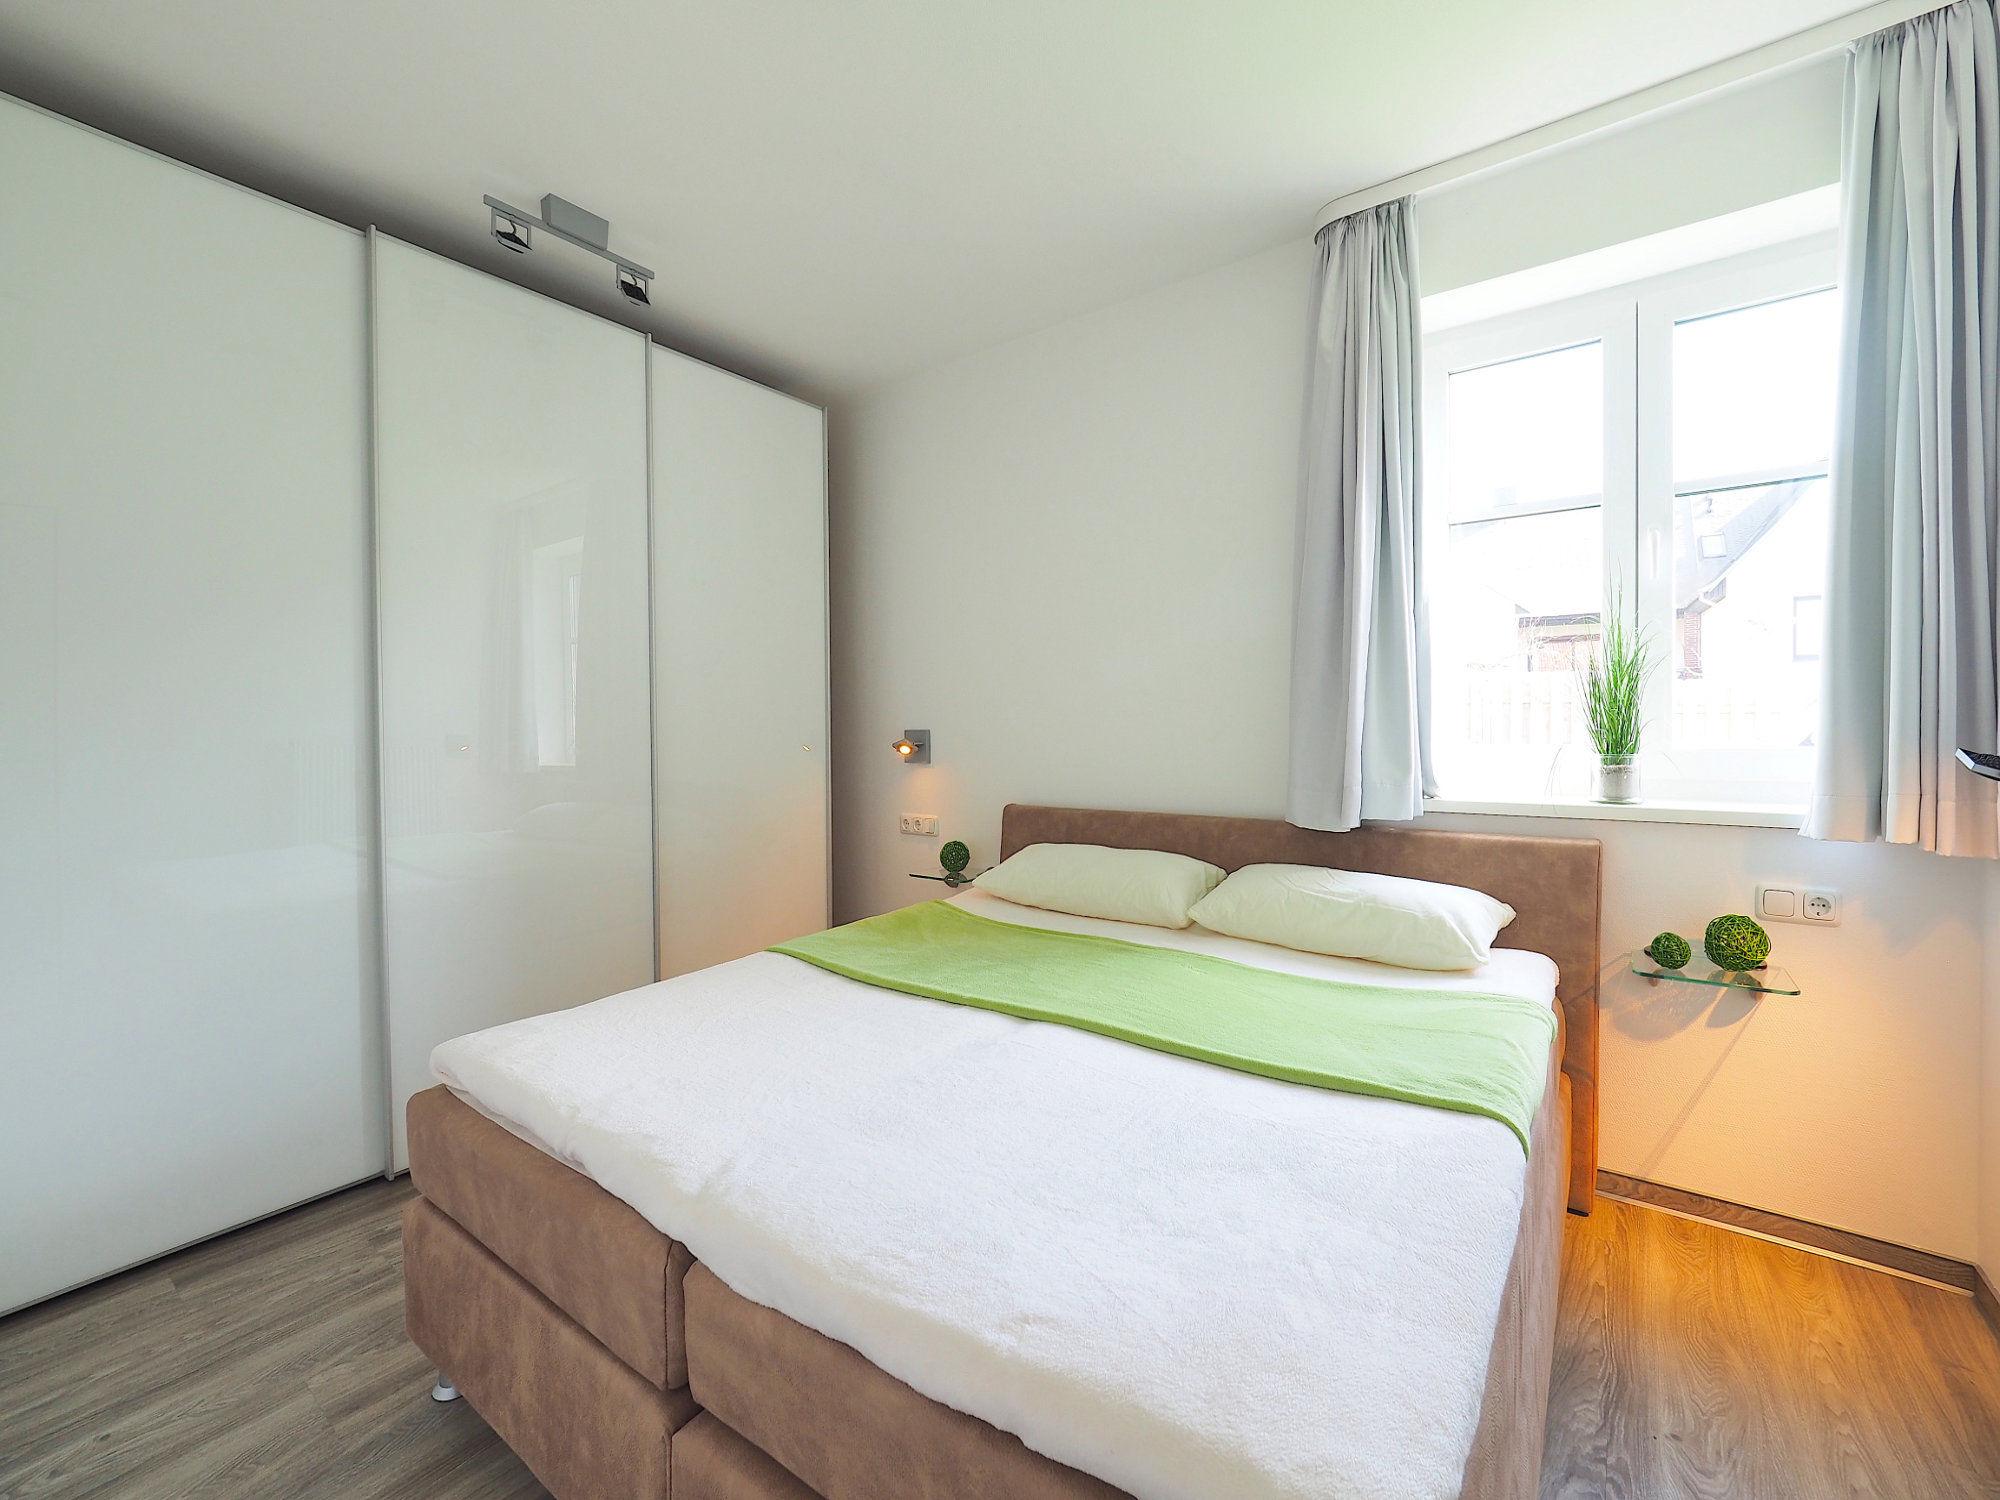 Schlafzimmer mit Doppelbett und großem Kleiderschrank und Fenster